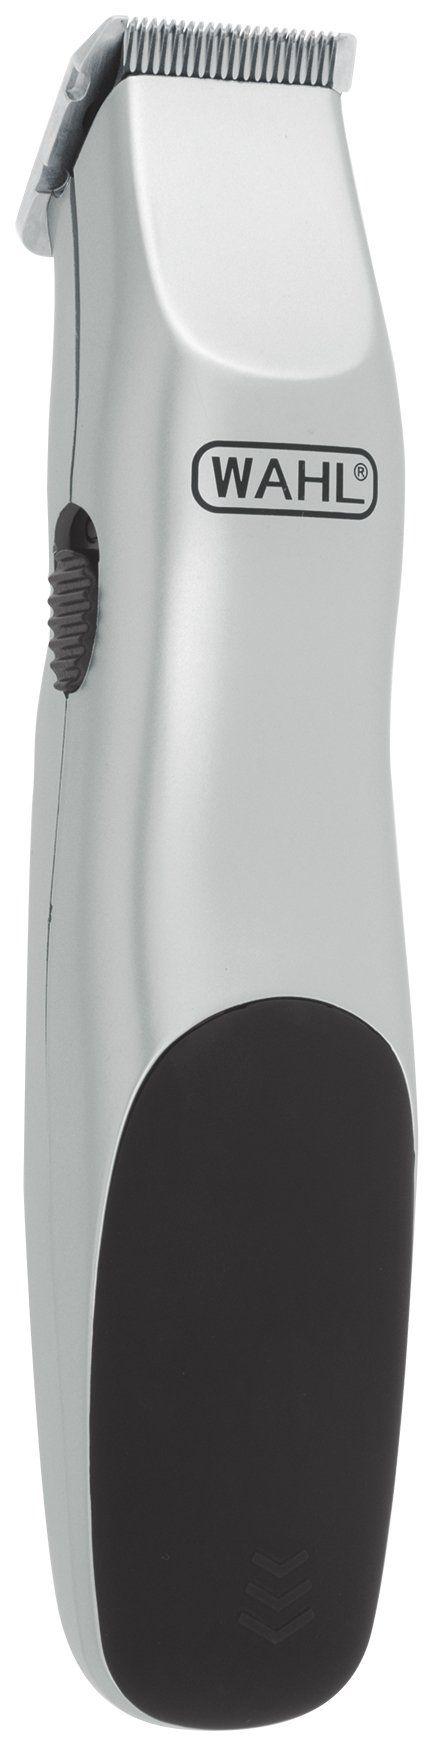 Wahl Beard Battery Trimmer #9906-717